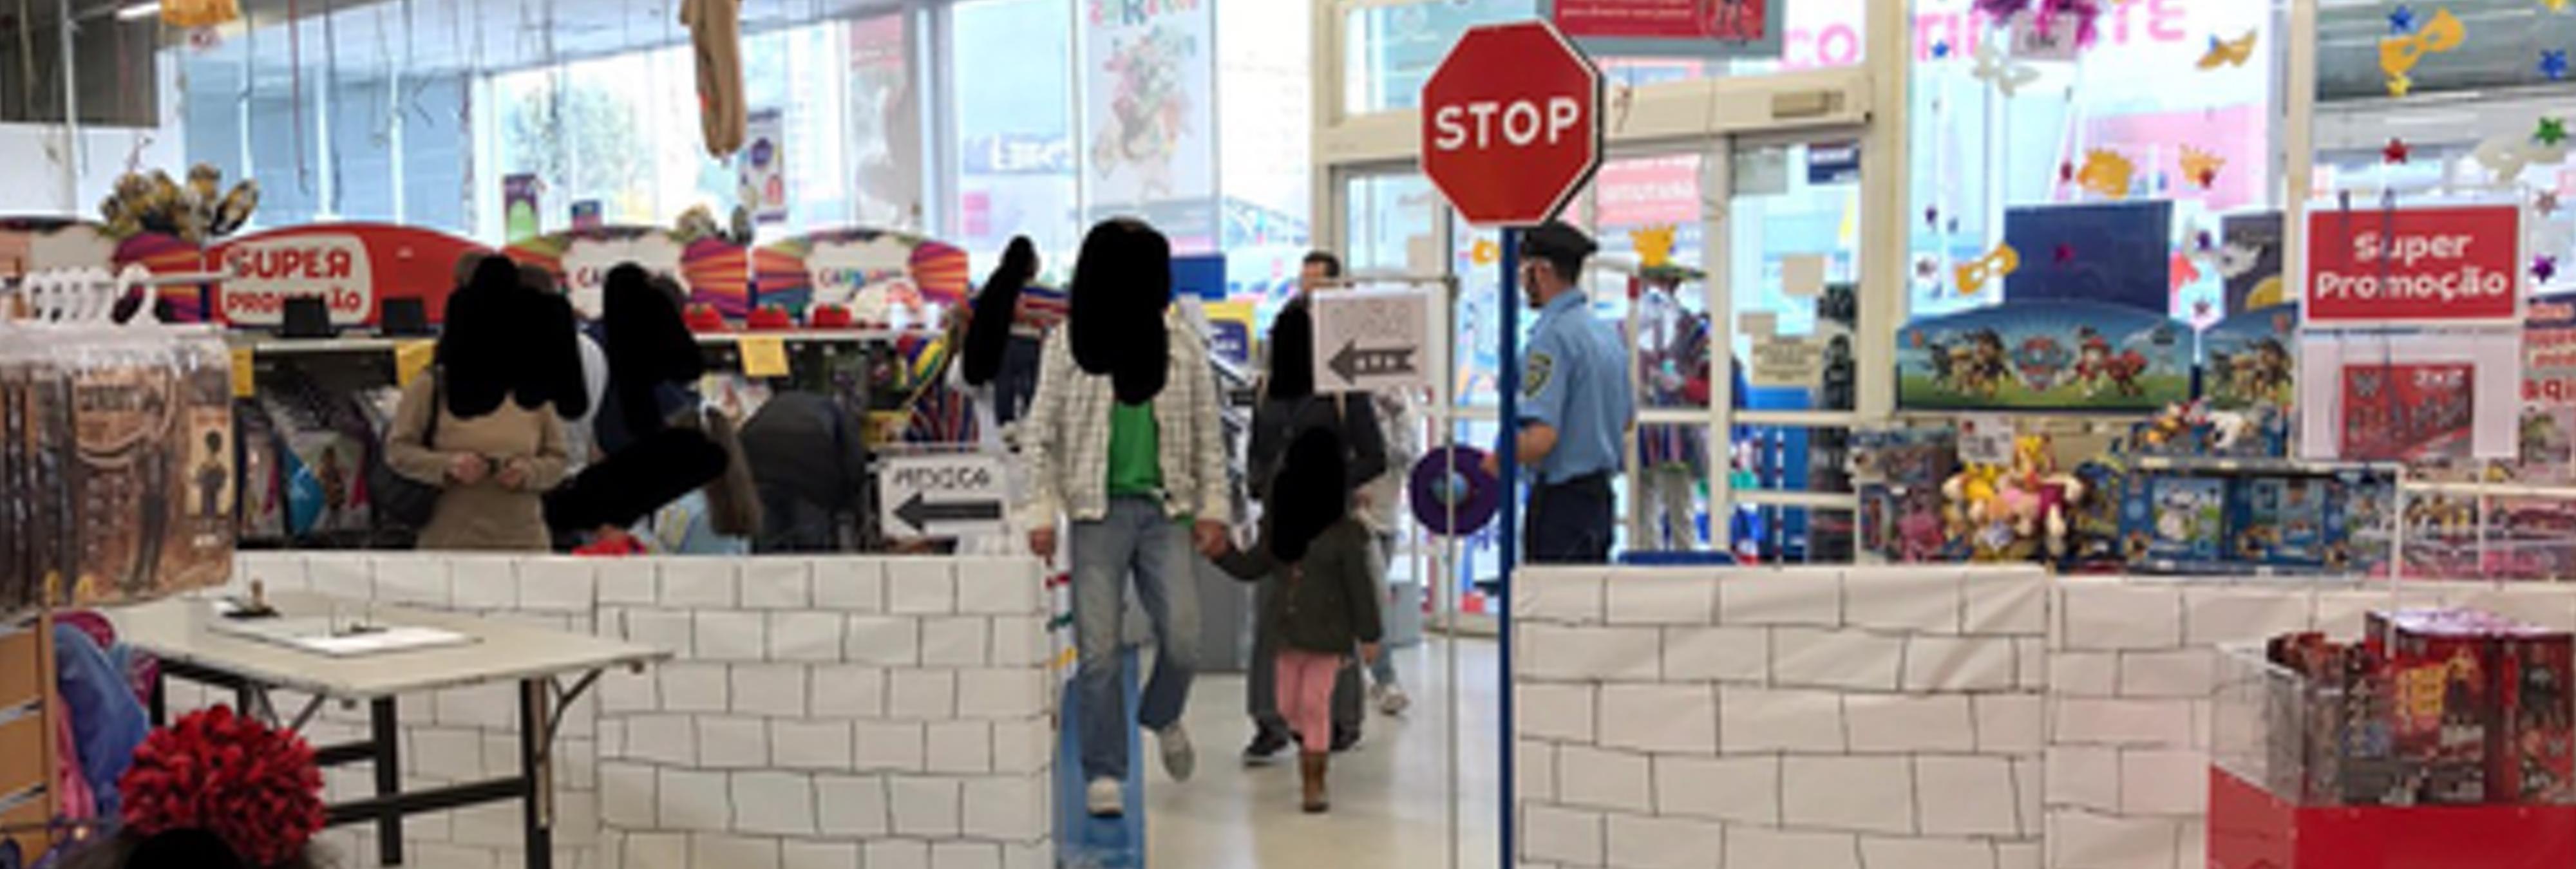 Toys 'R' Us coloca en una de sus tiendas un muro como el de Trump y genera una ola de indignación